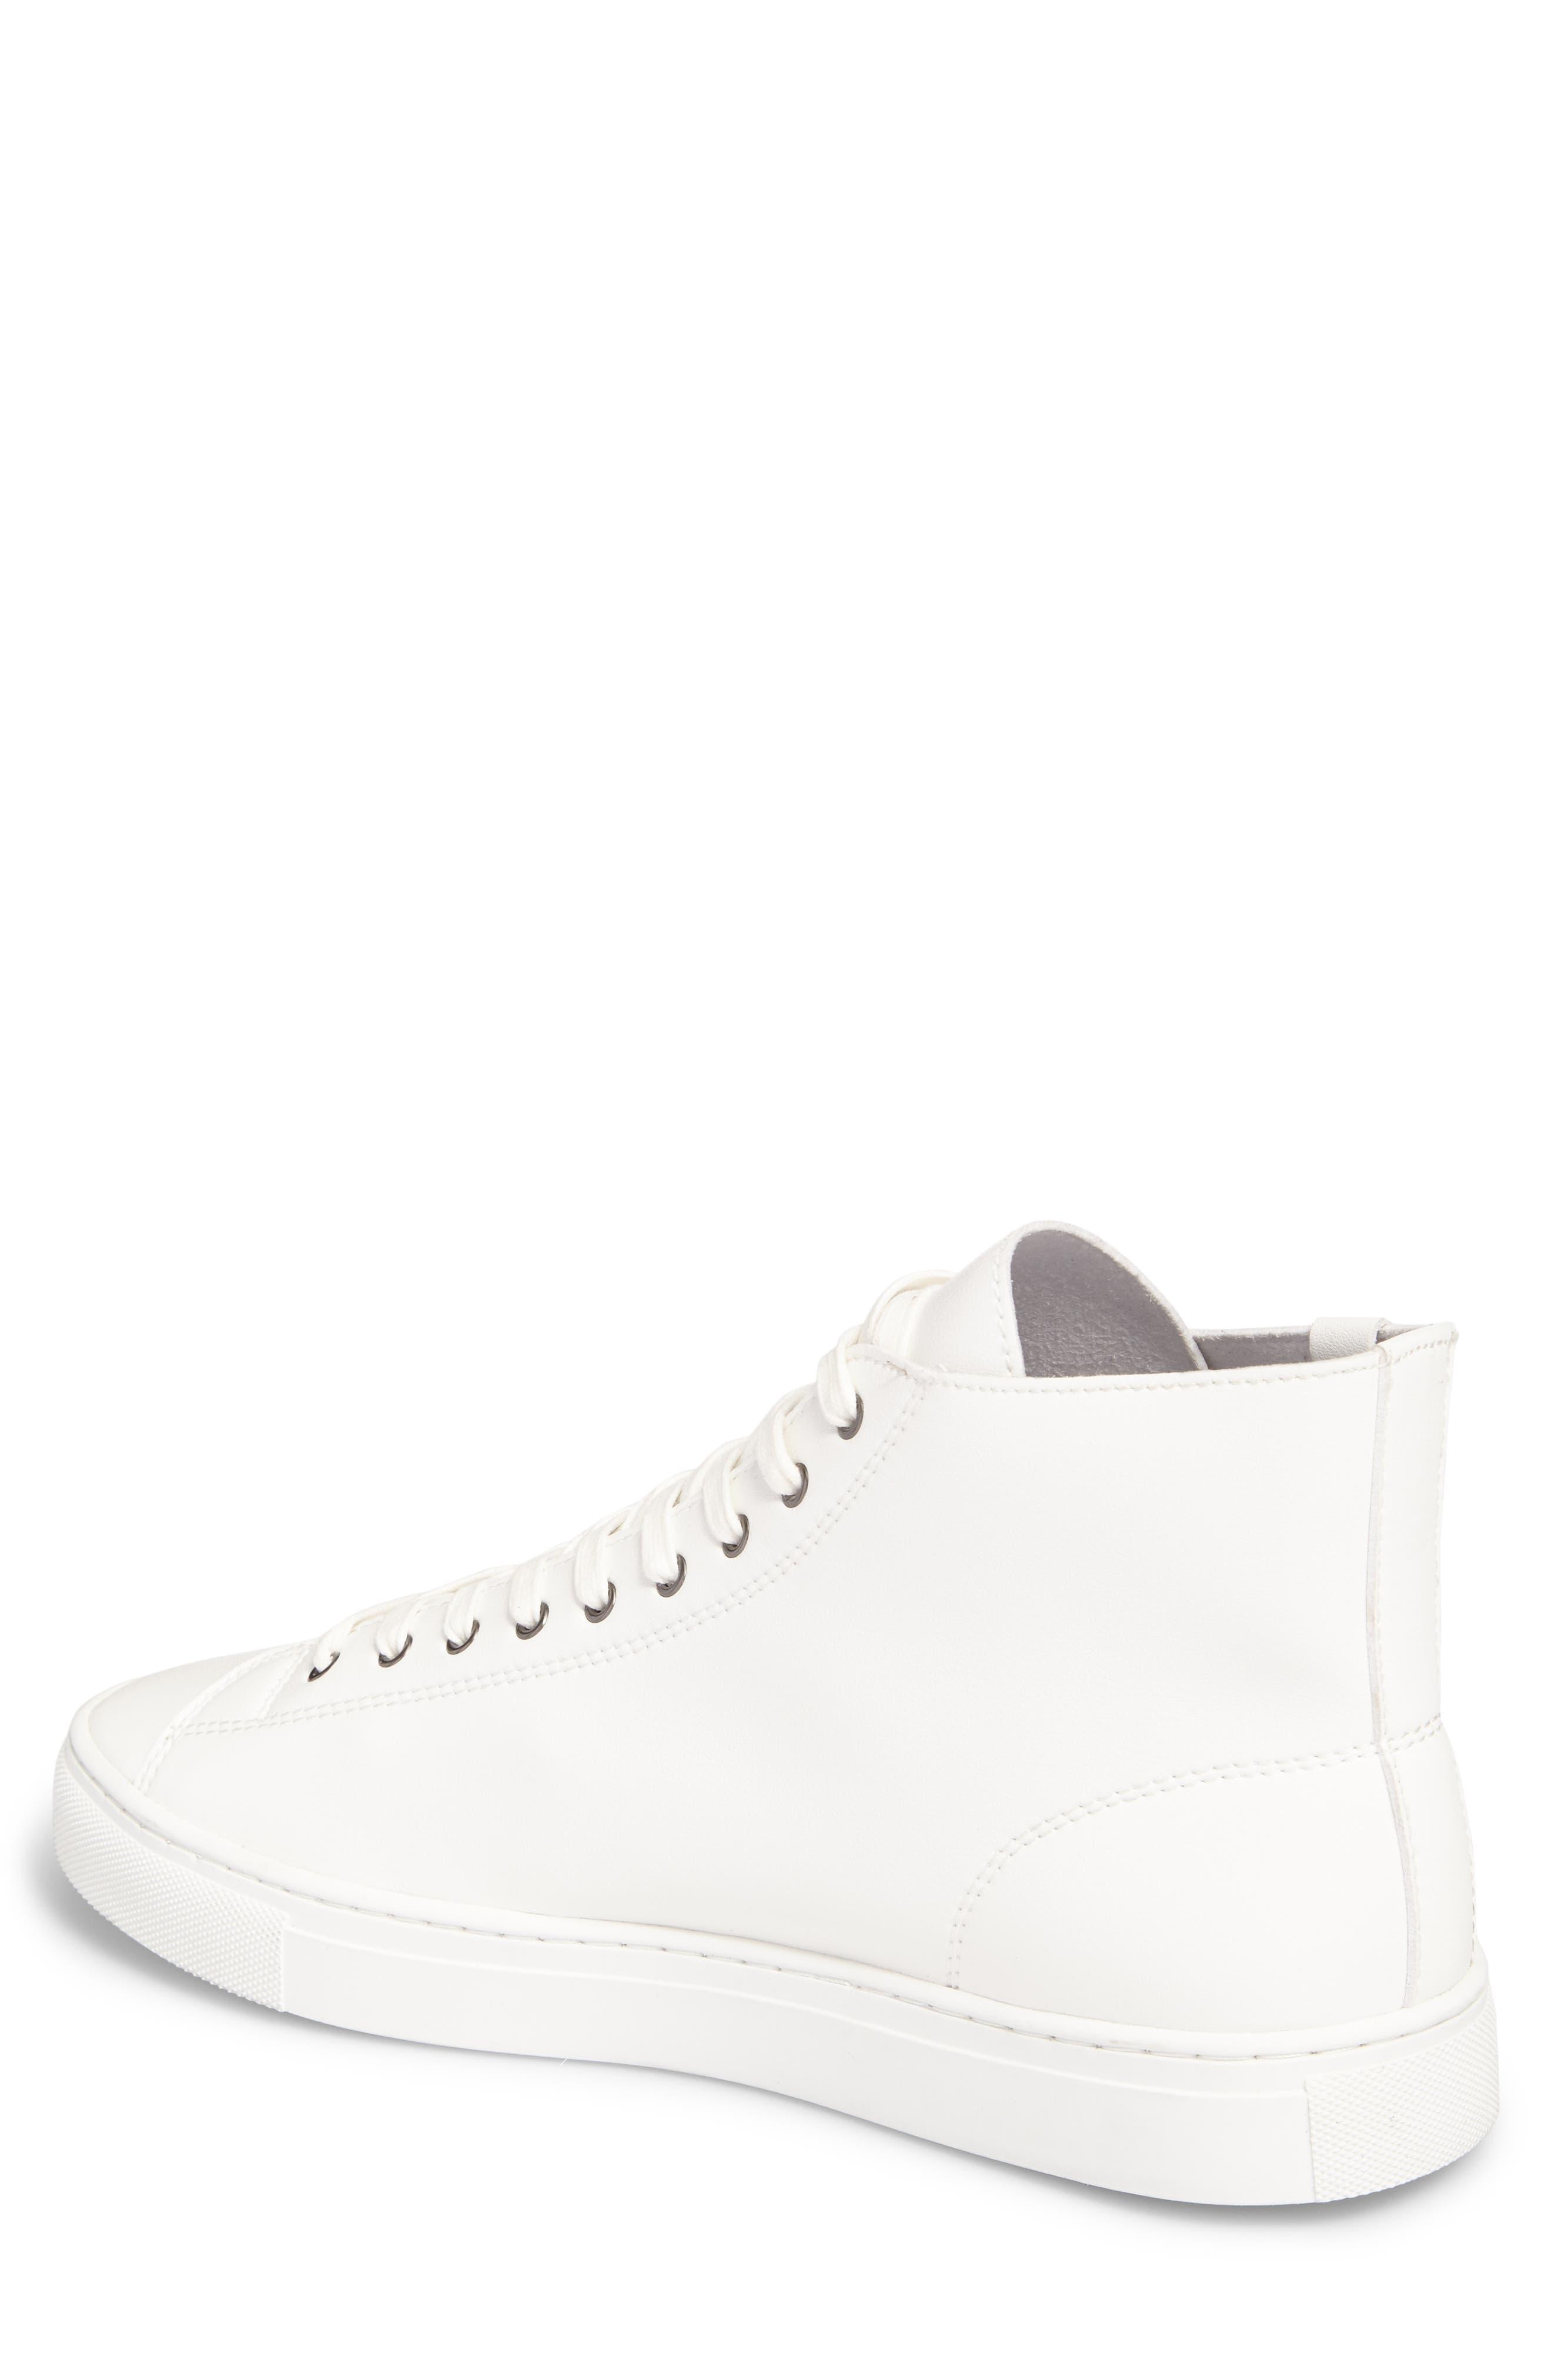 Original Sneaker,                             Alternate thumbnail 2, color,                             White